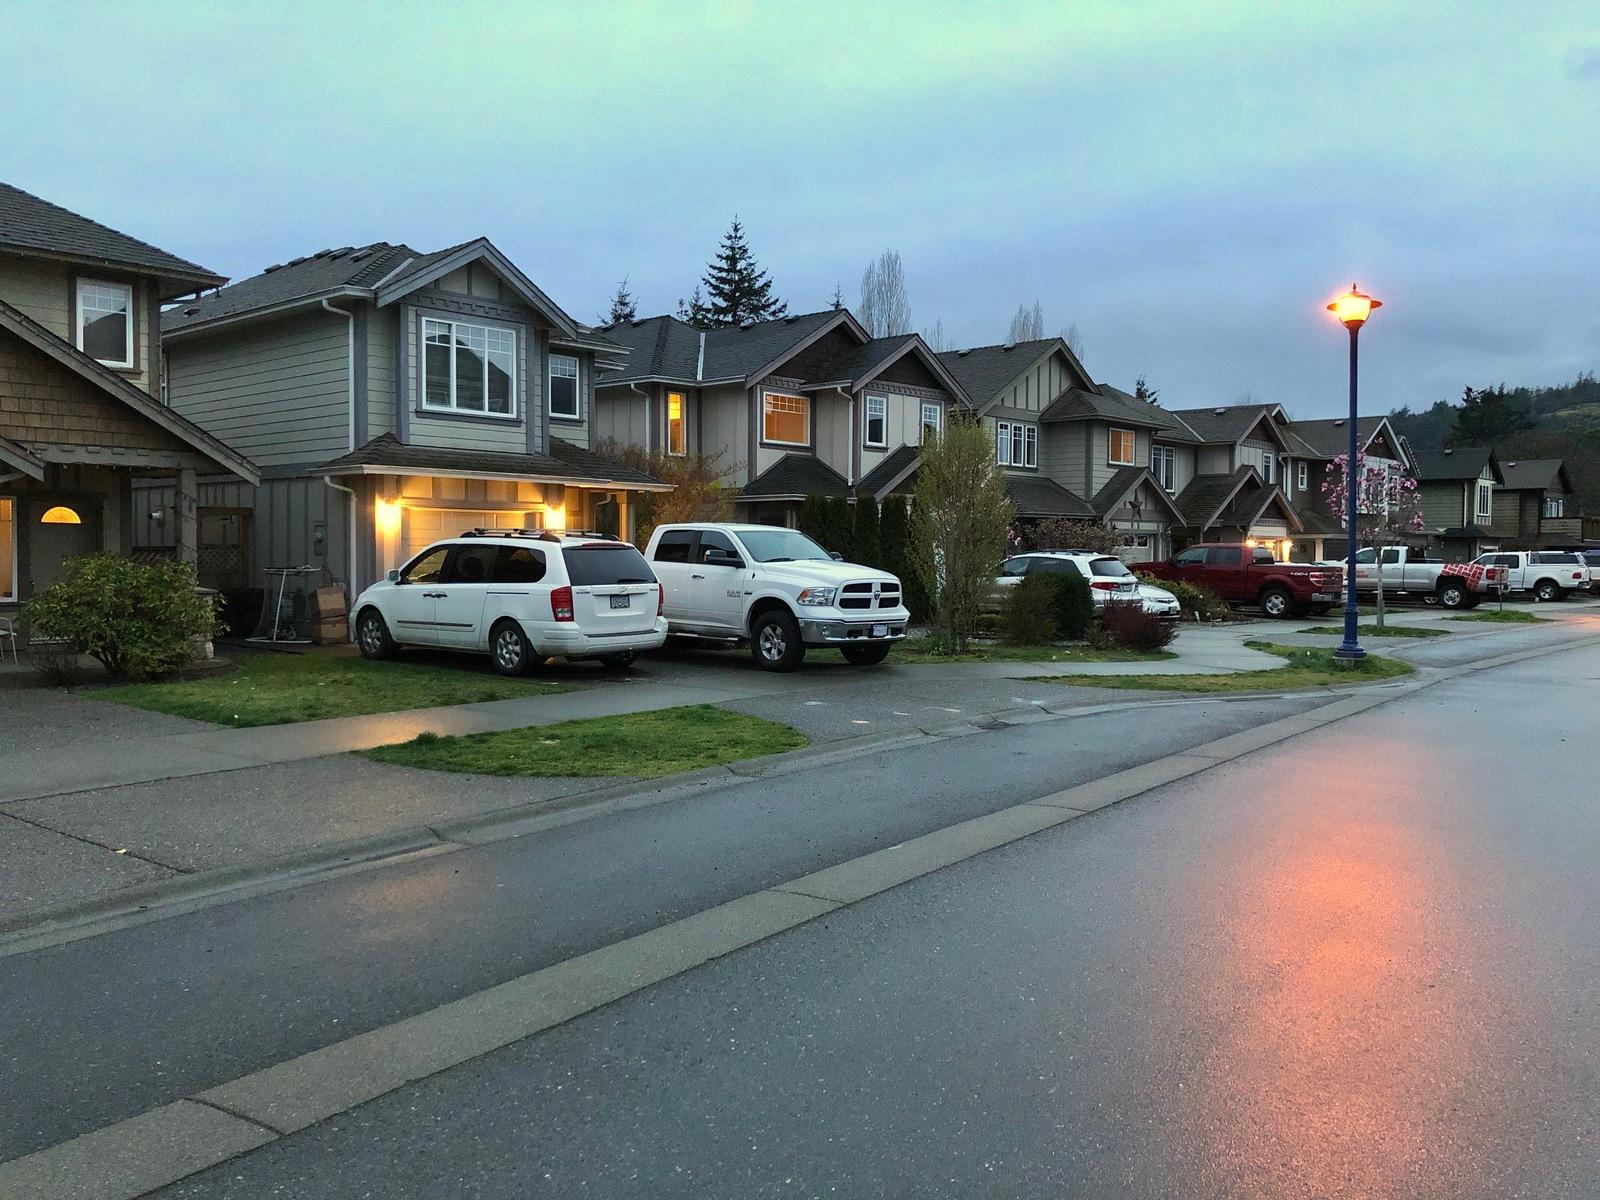 Обои фонари, ночь, дождь, экипаж, люди, улица, дома. Разное foto 9